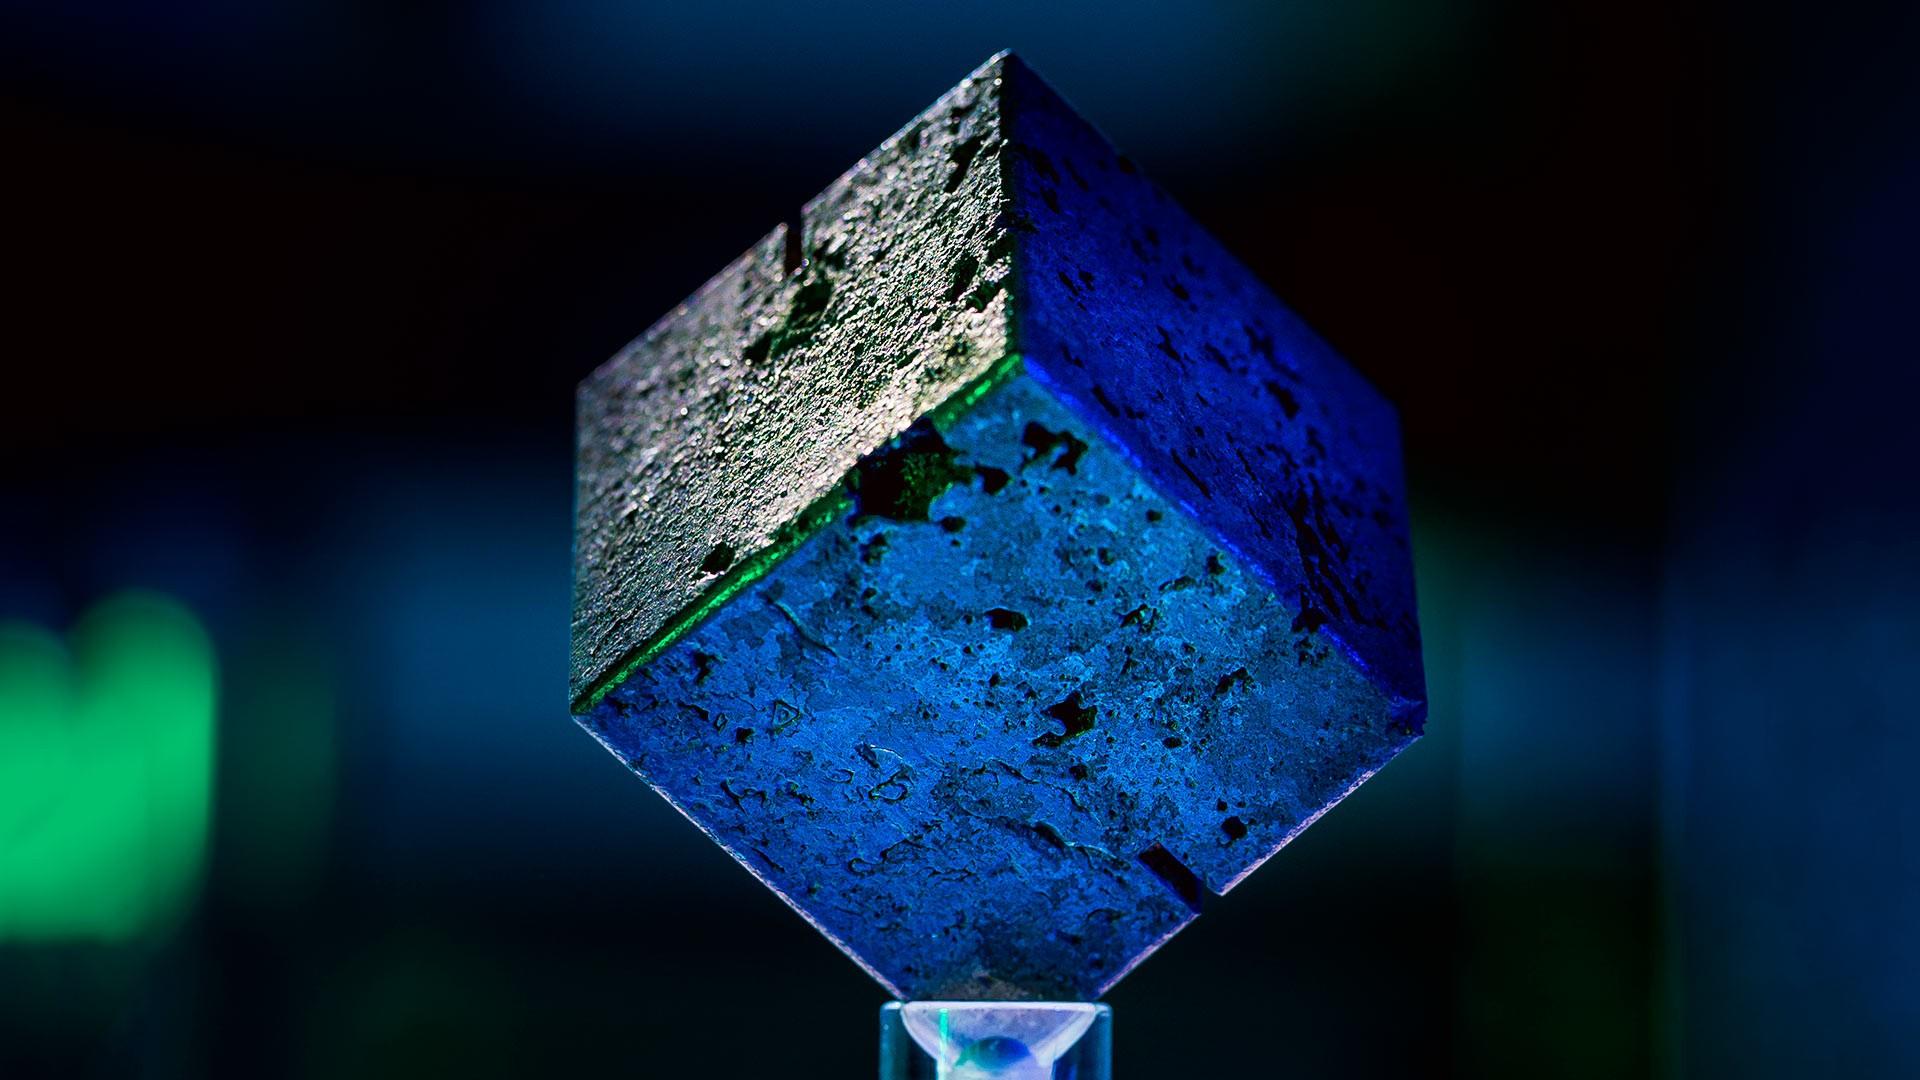 Um dos cubos de urânio que seriam utilizados em reator nuclear alemão (Foto: Divulgação)